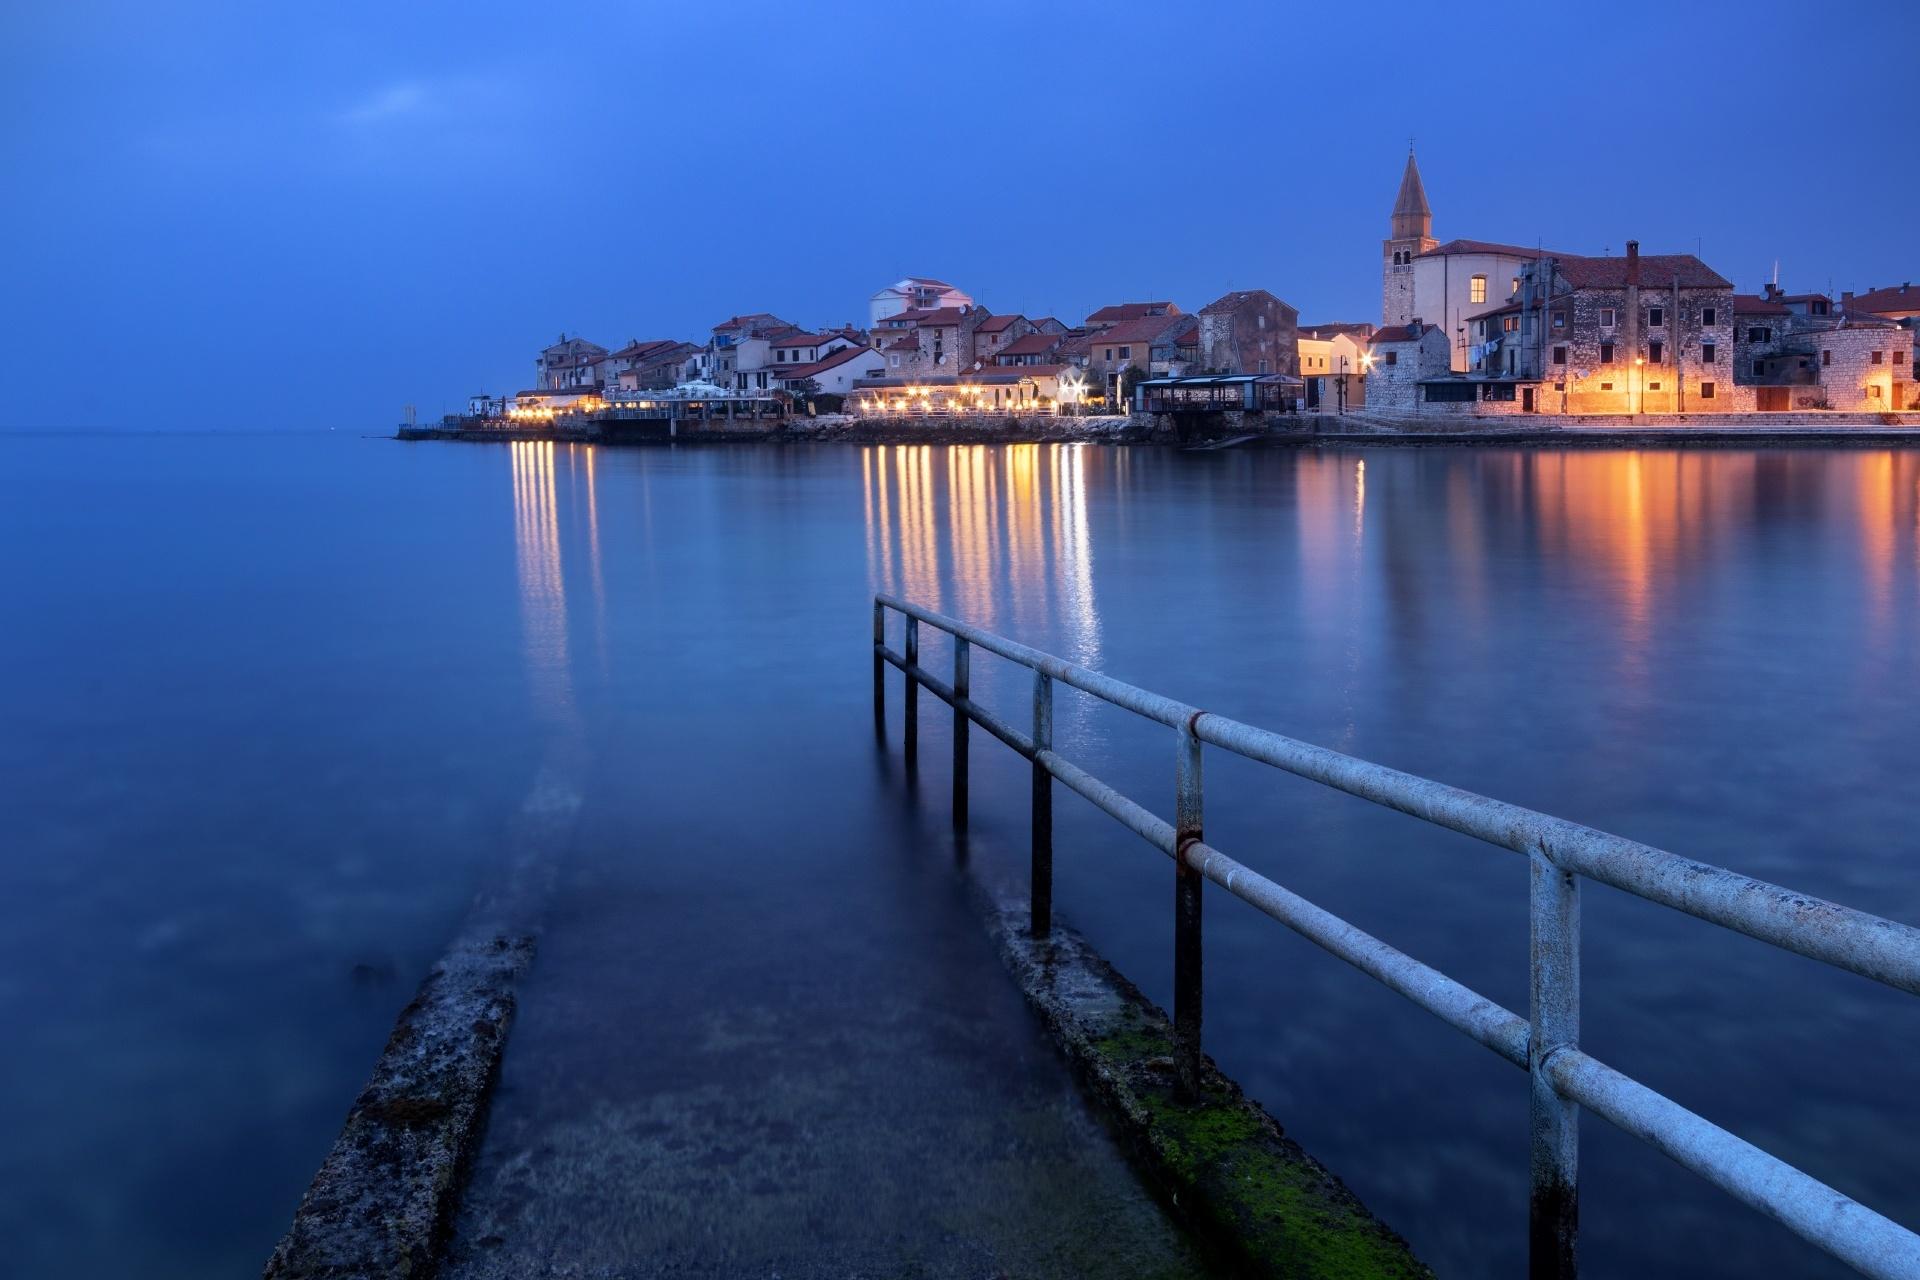 ウマグの風景 クロアチアの風景